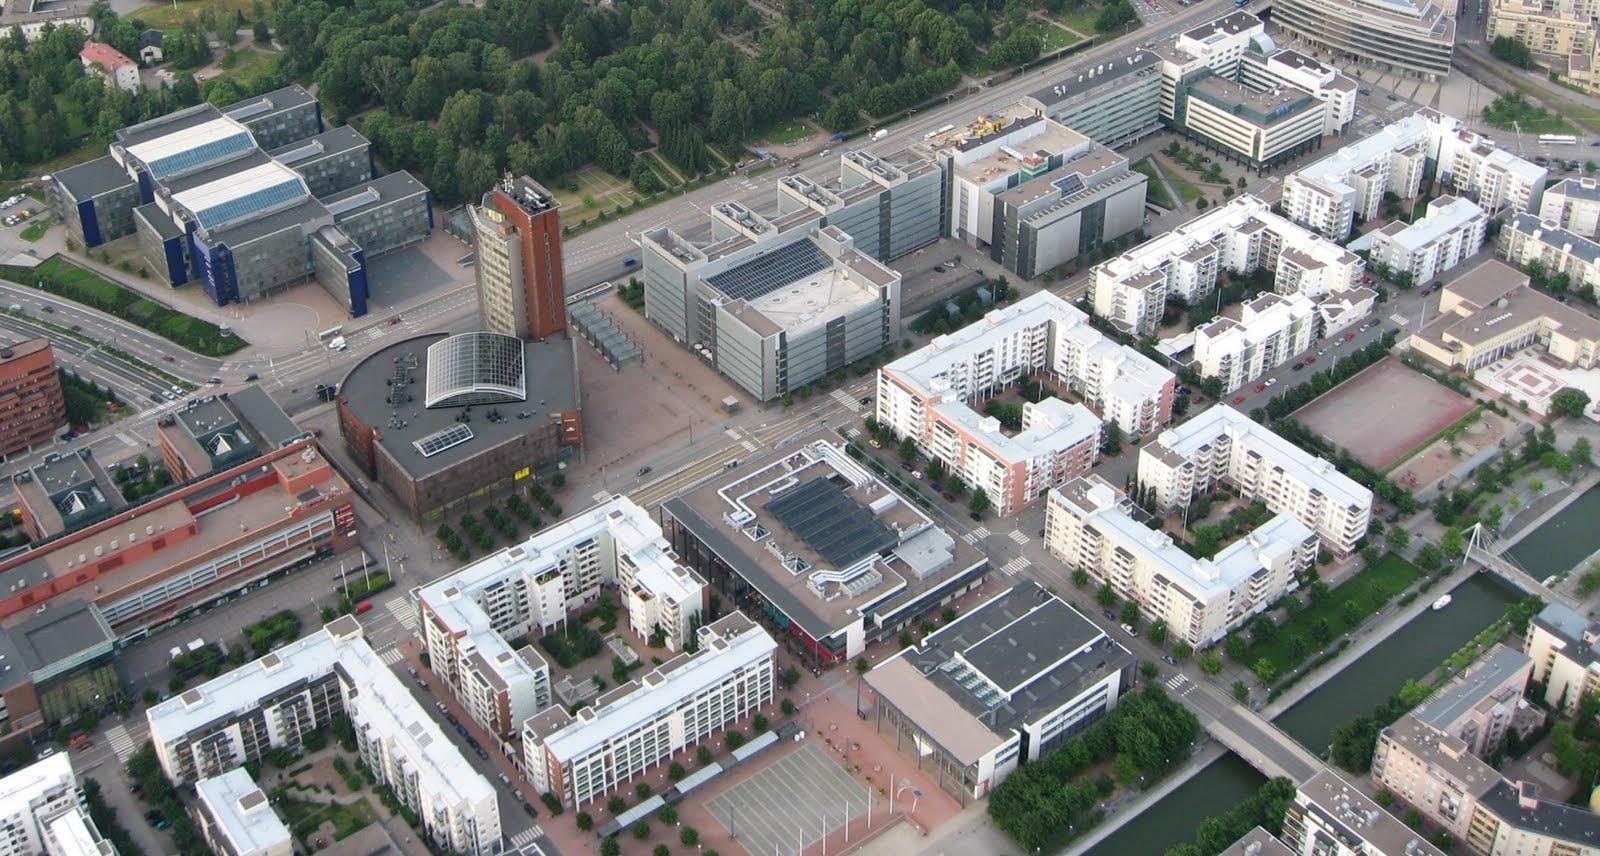 Ruoholahti, kuvattuna ilmasta 23.7.2009.